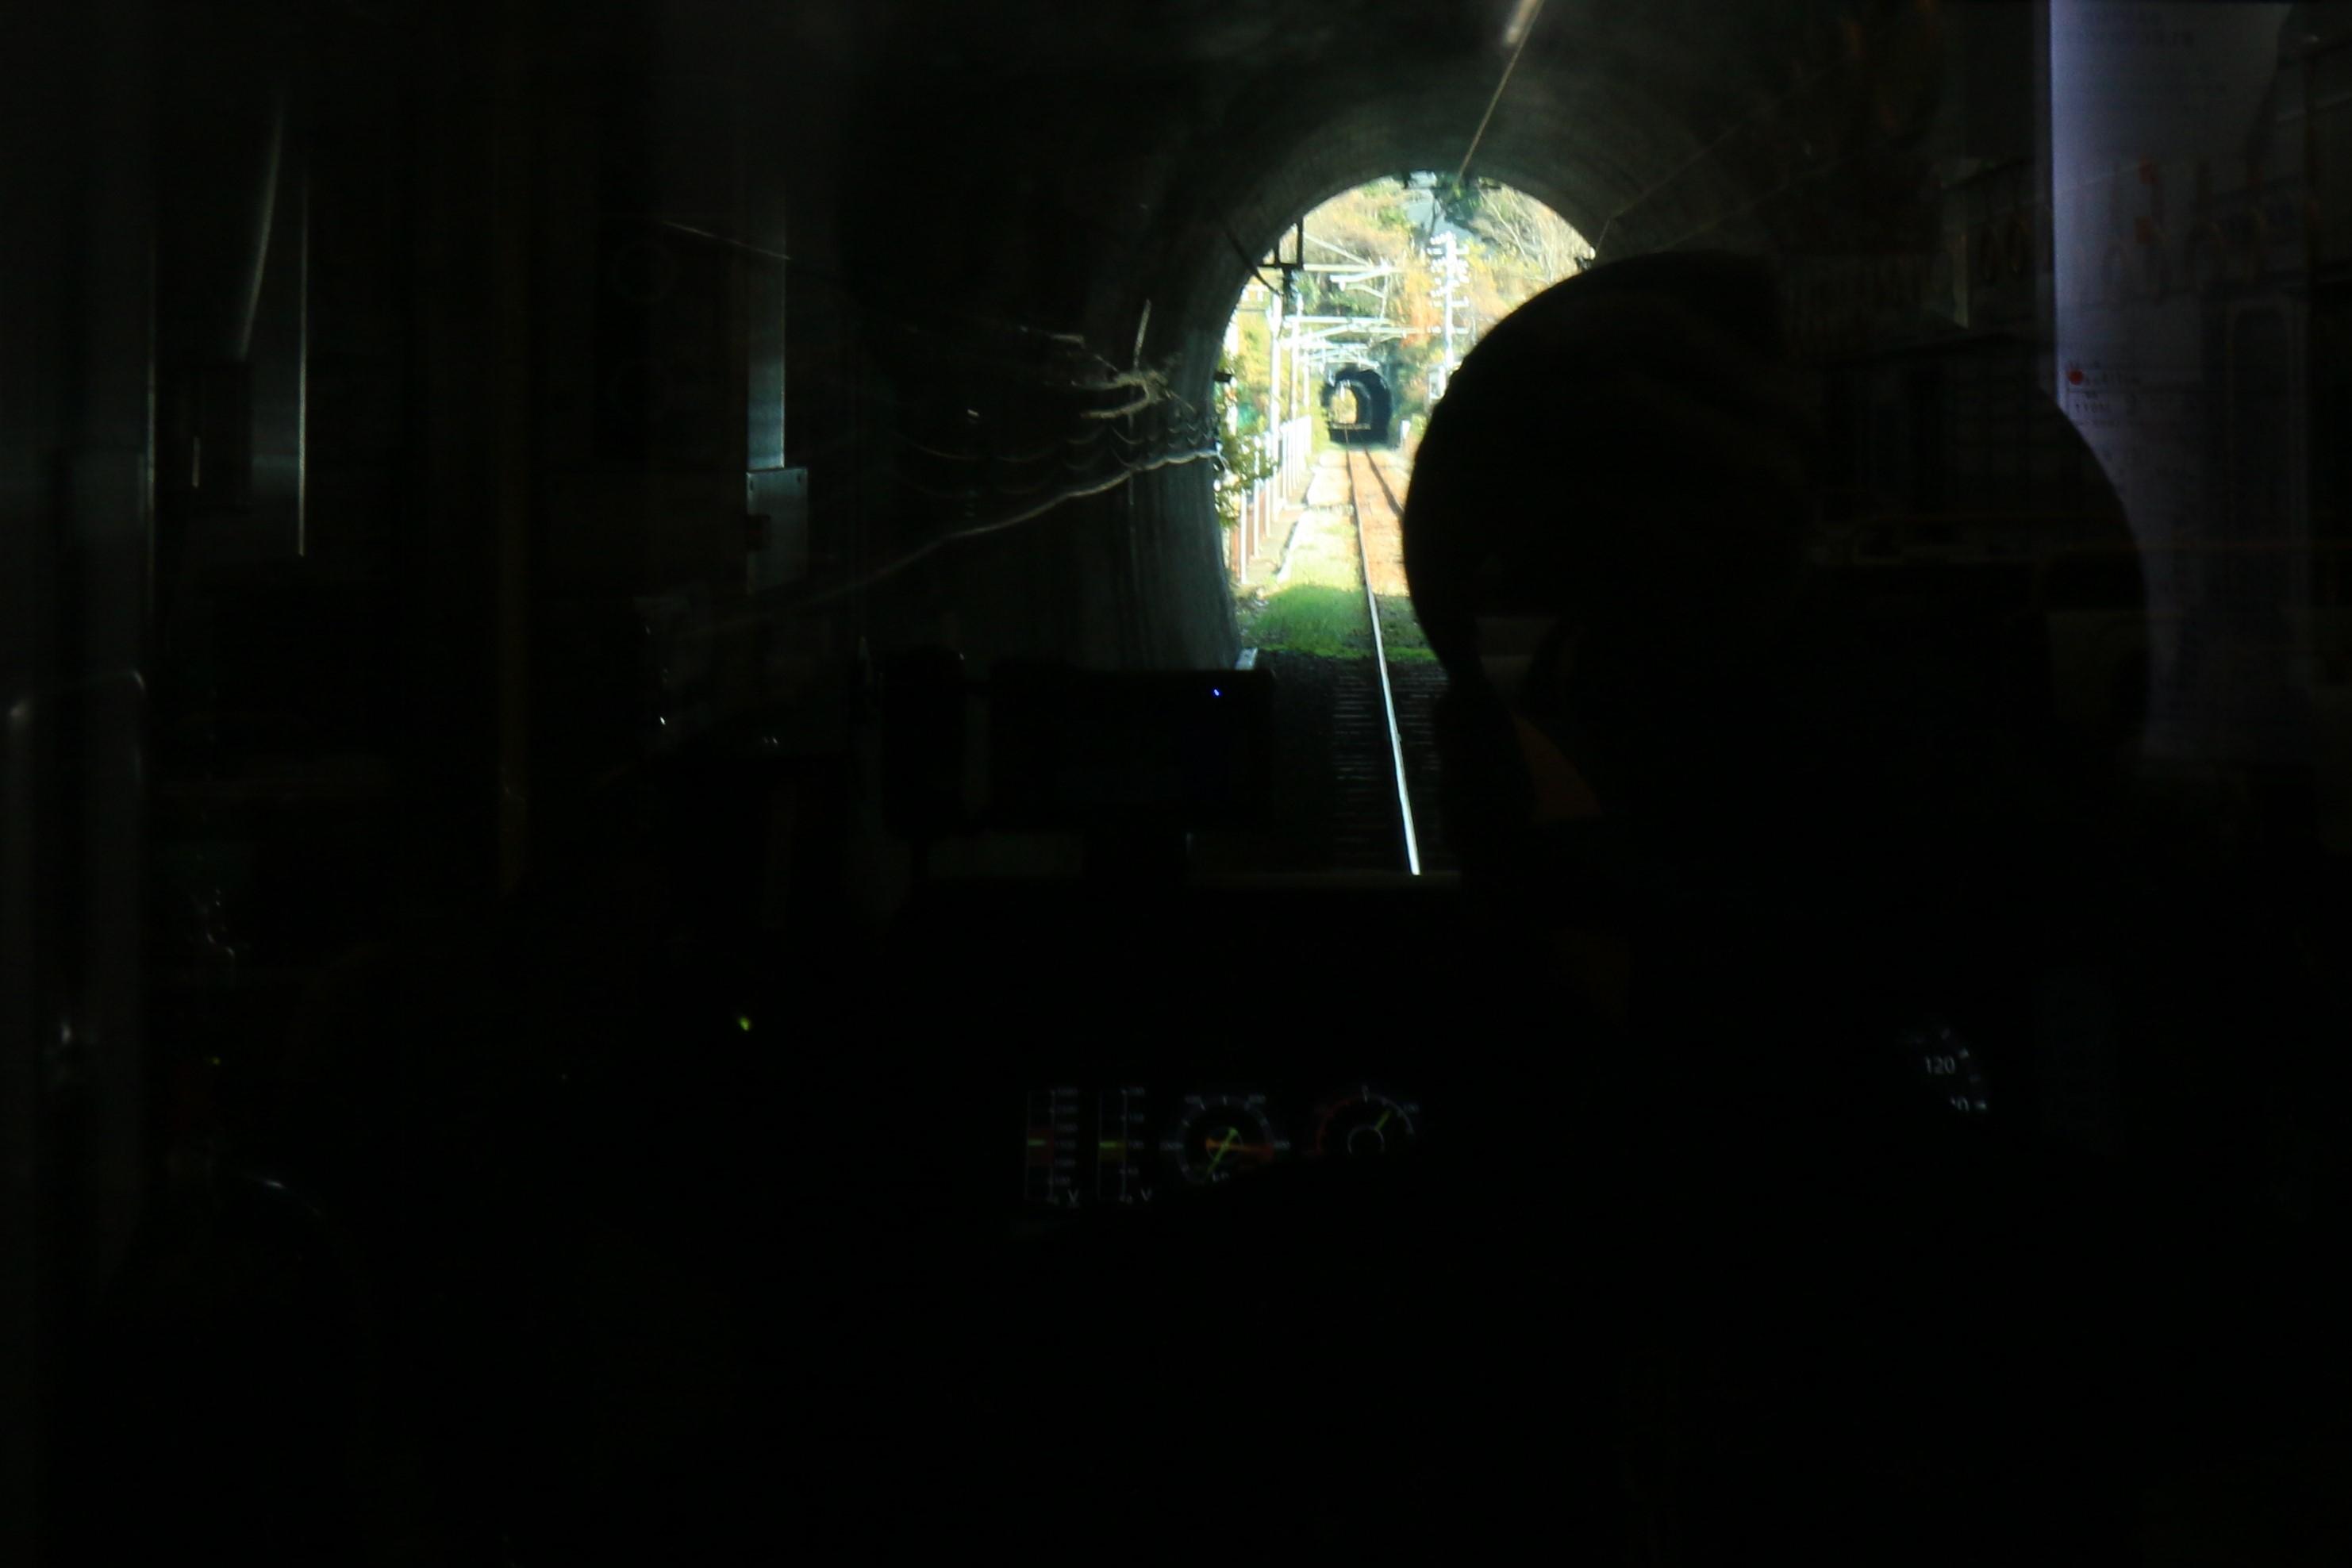 トンネルの向こうにトンネルが_f0371447_08070634.jpg